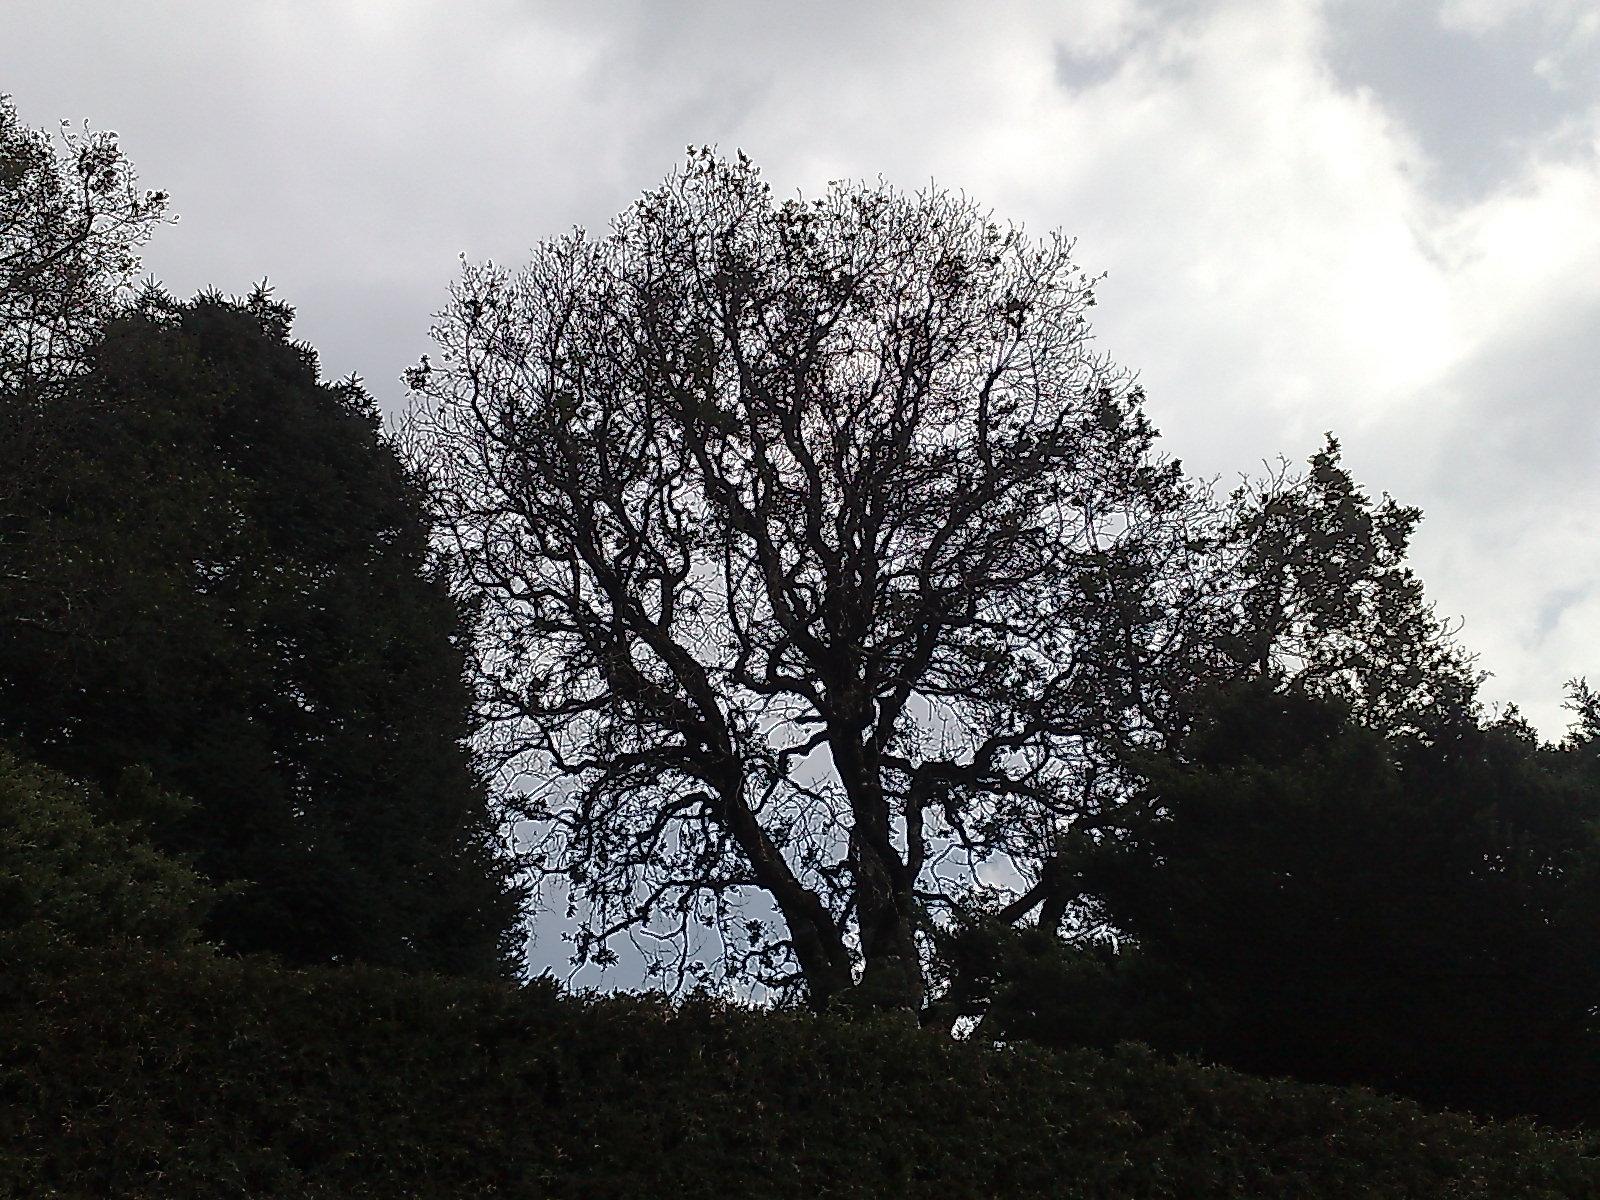 Very fractaly tree